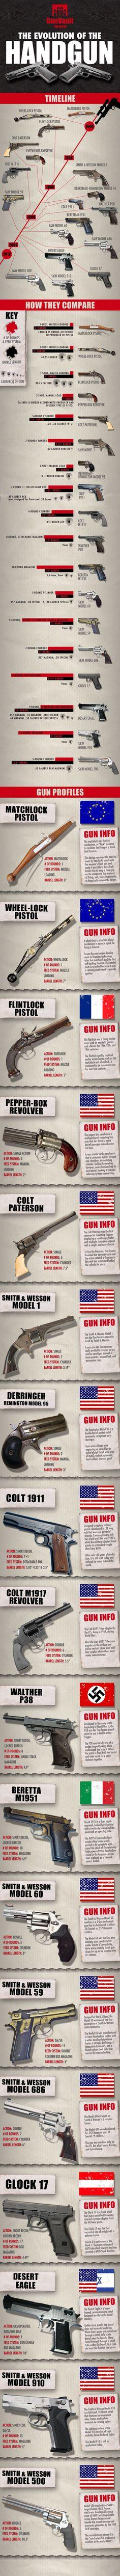 La historia de las armas de mano